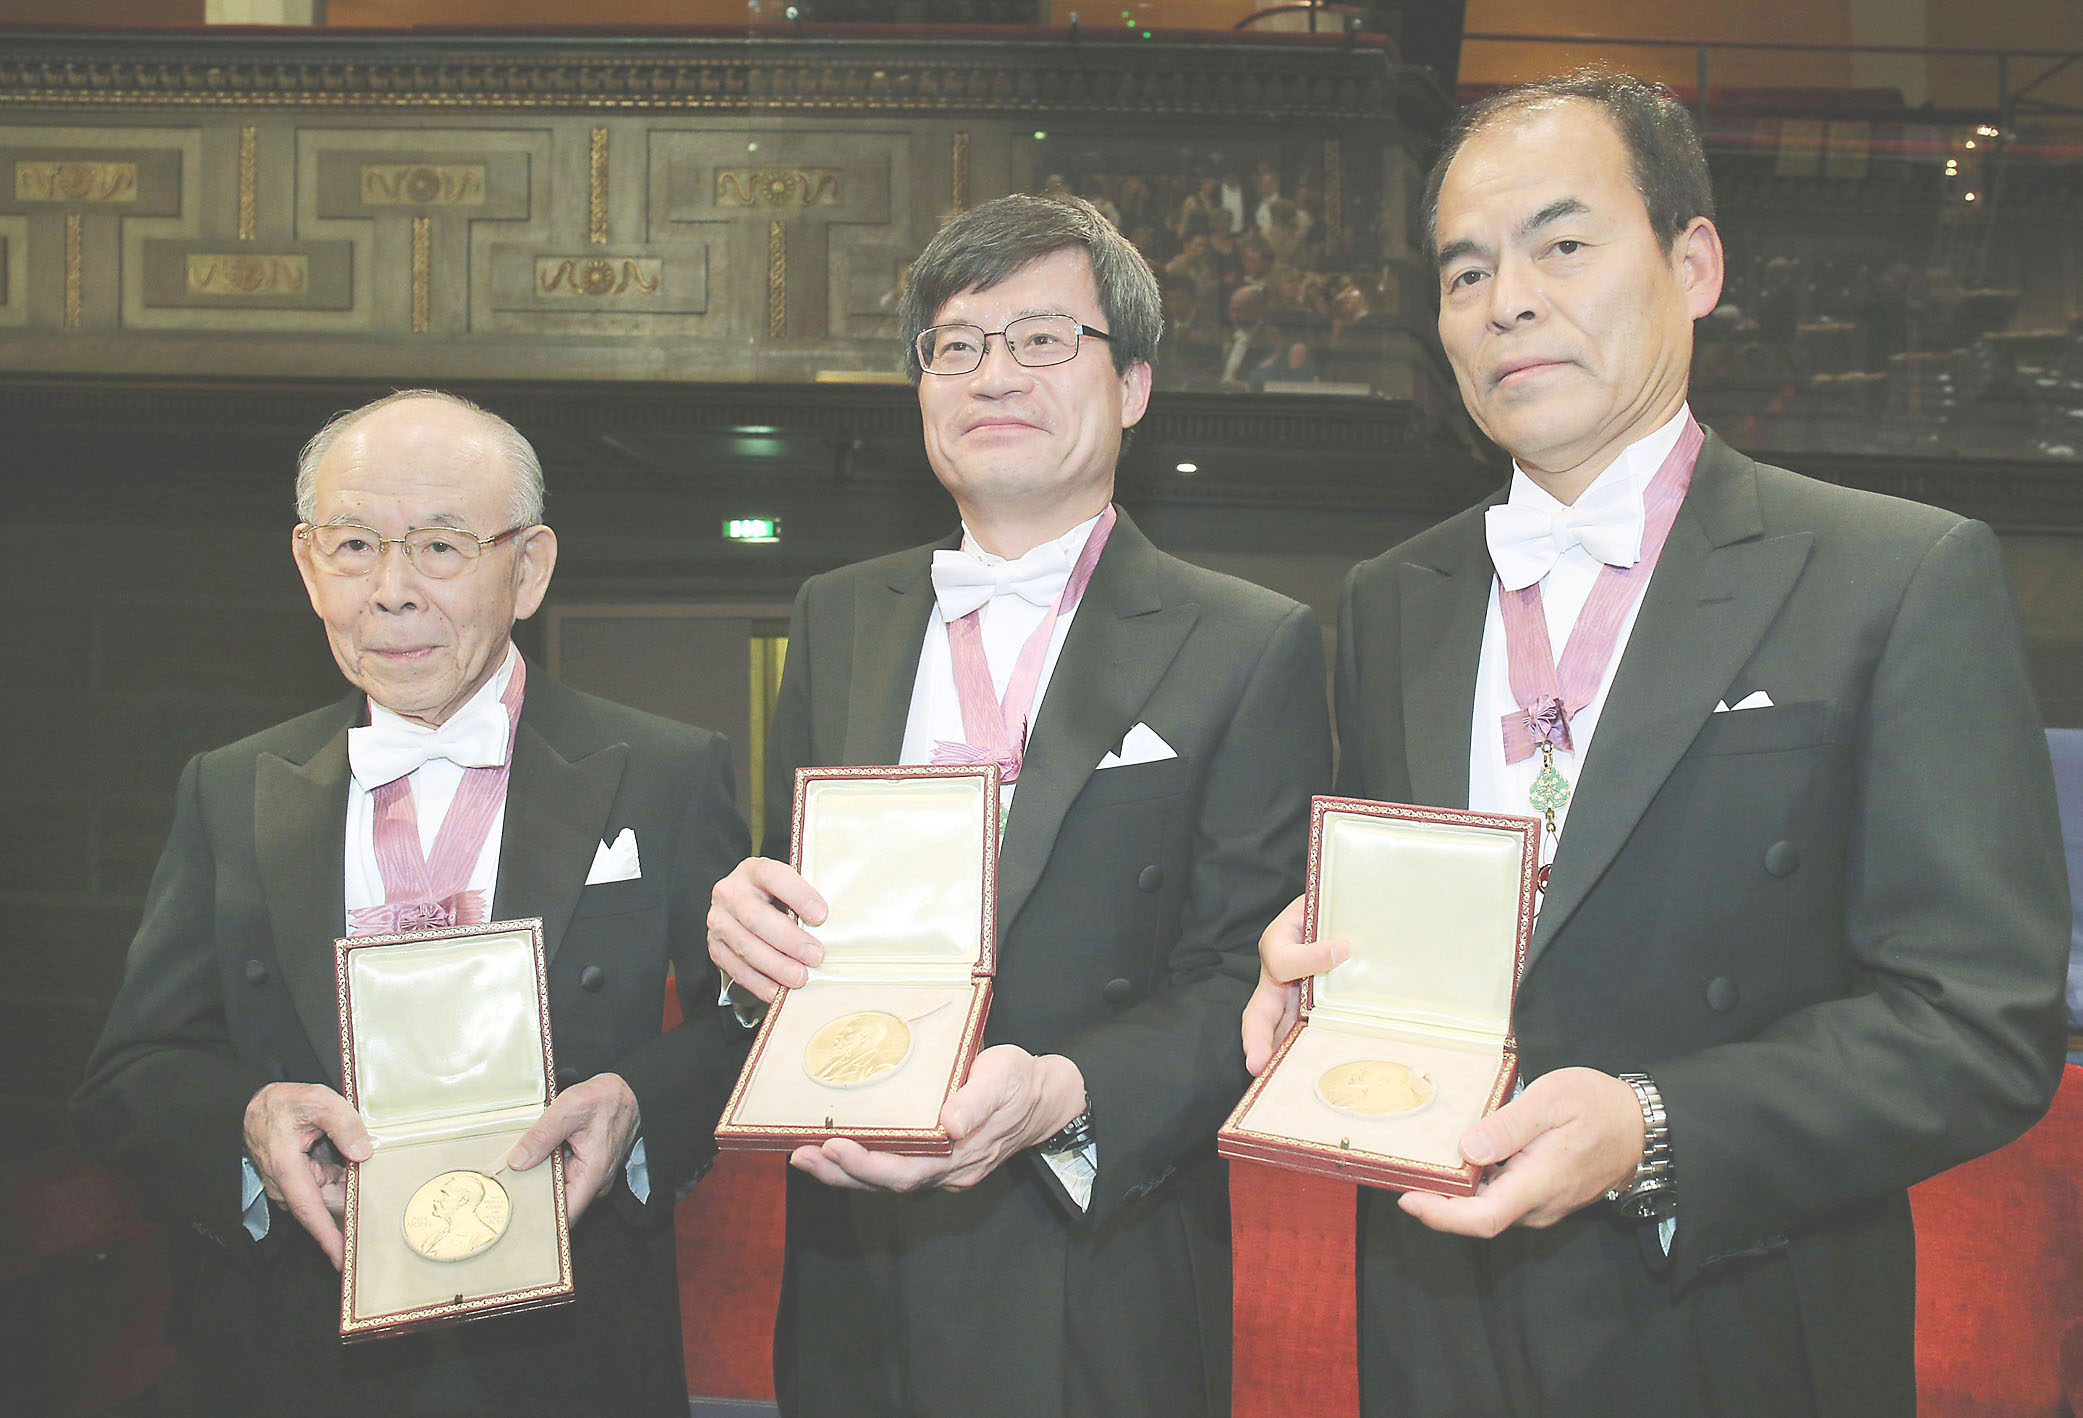 Исаму Акасаки (85 лет), Хироси Амано (53 года) и Сюдзи Накамура (58 лет) Нобелевская премия по физике 2014.